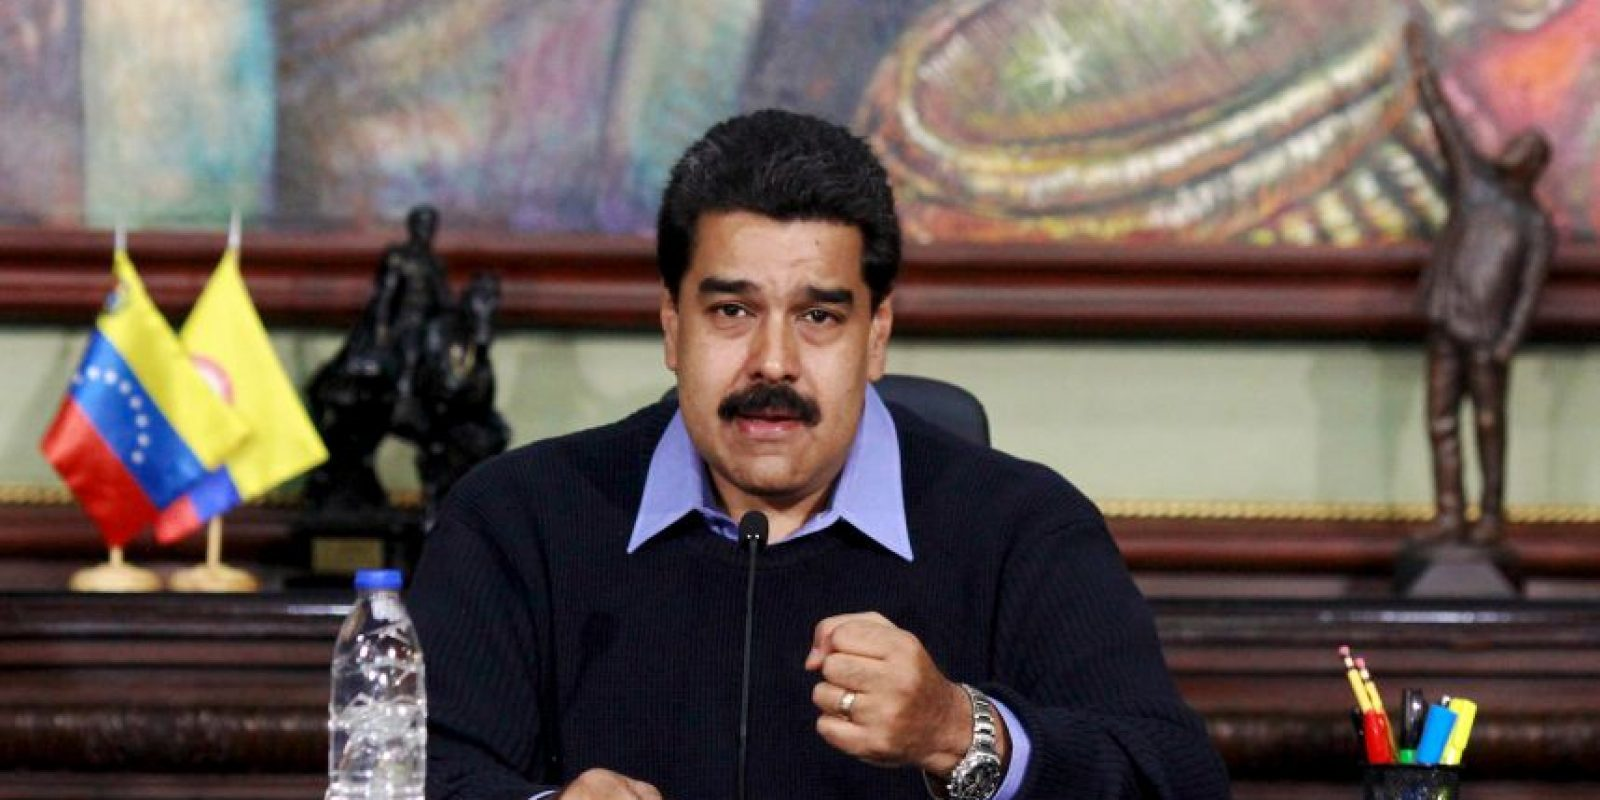 En agosto pasado, el Presidente Nicolás Maduro declaró estado de excepción en algunos municipios fronterizos con Colombia, y ordenó el cierre de fronteras. Foto:AFP